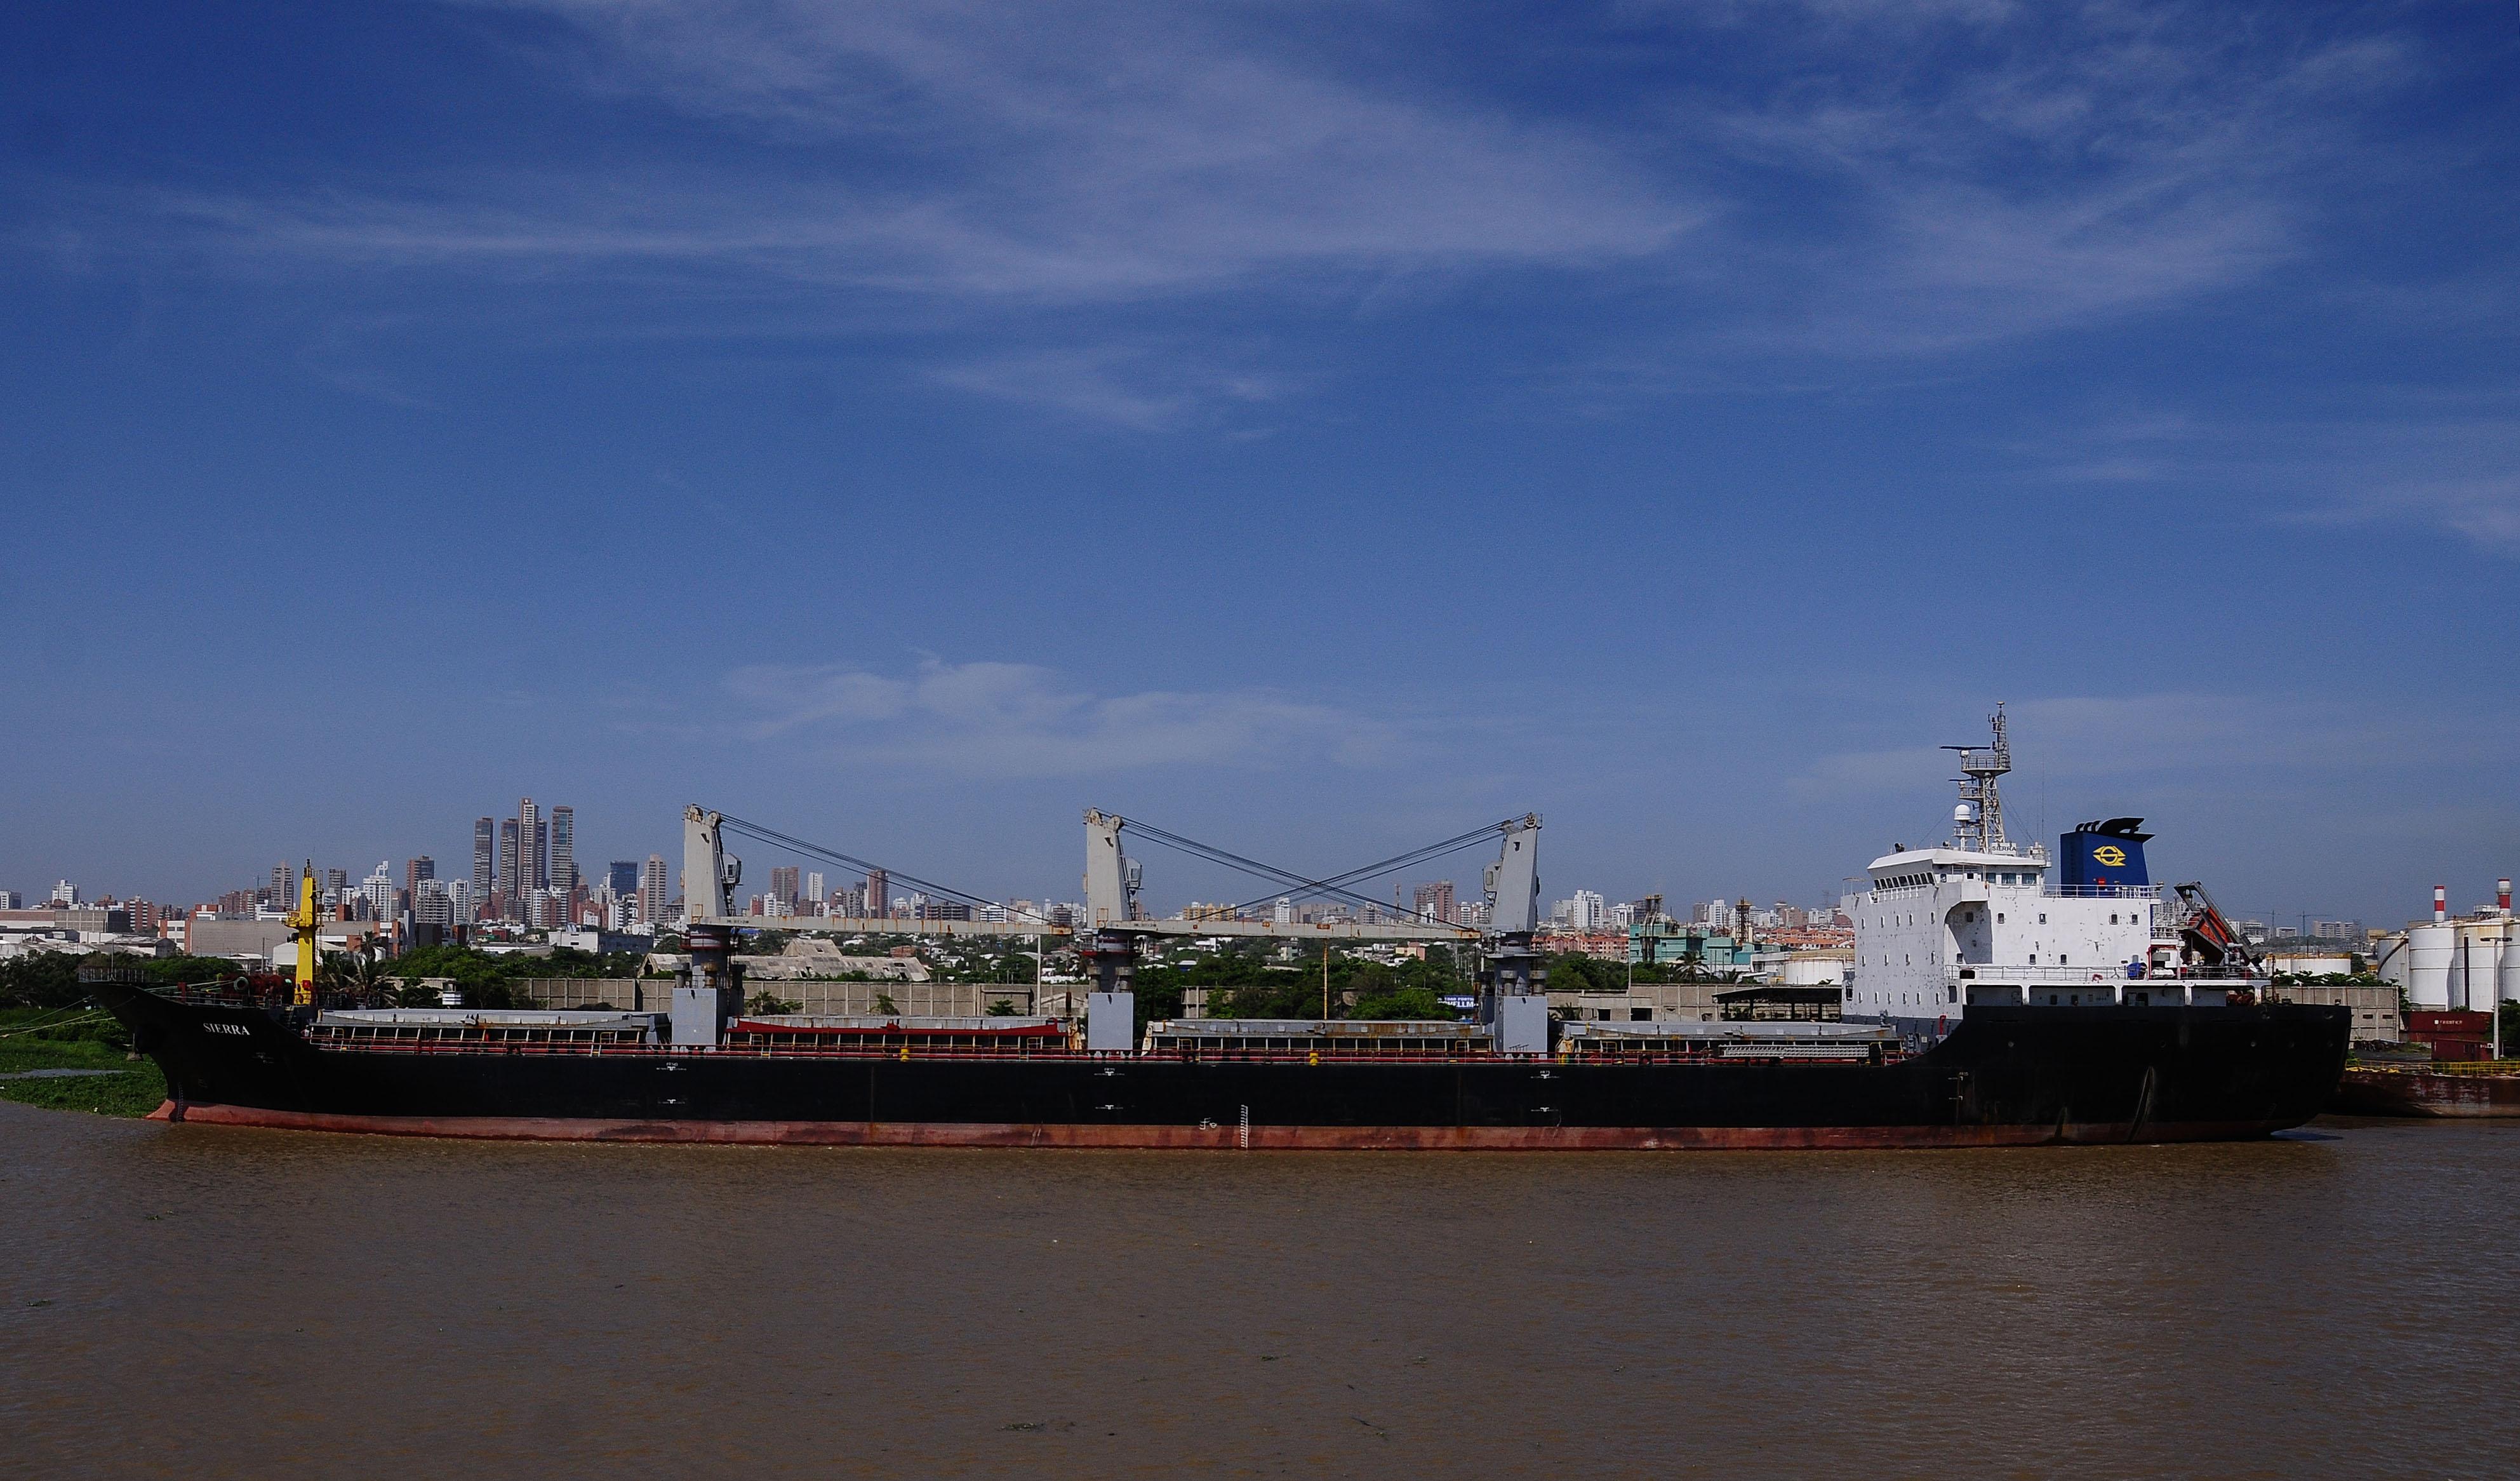 Una embarcación permanece atracada en uno de los terminales ubicados en la zona portuaria de Barranquilla.